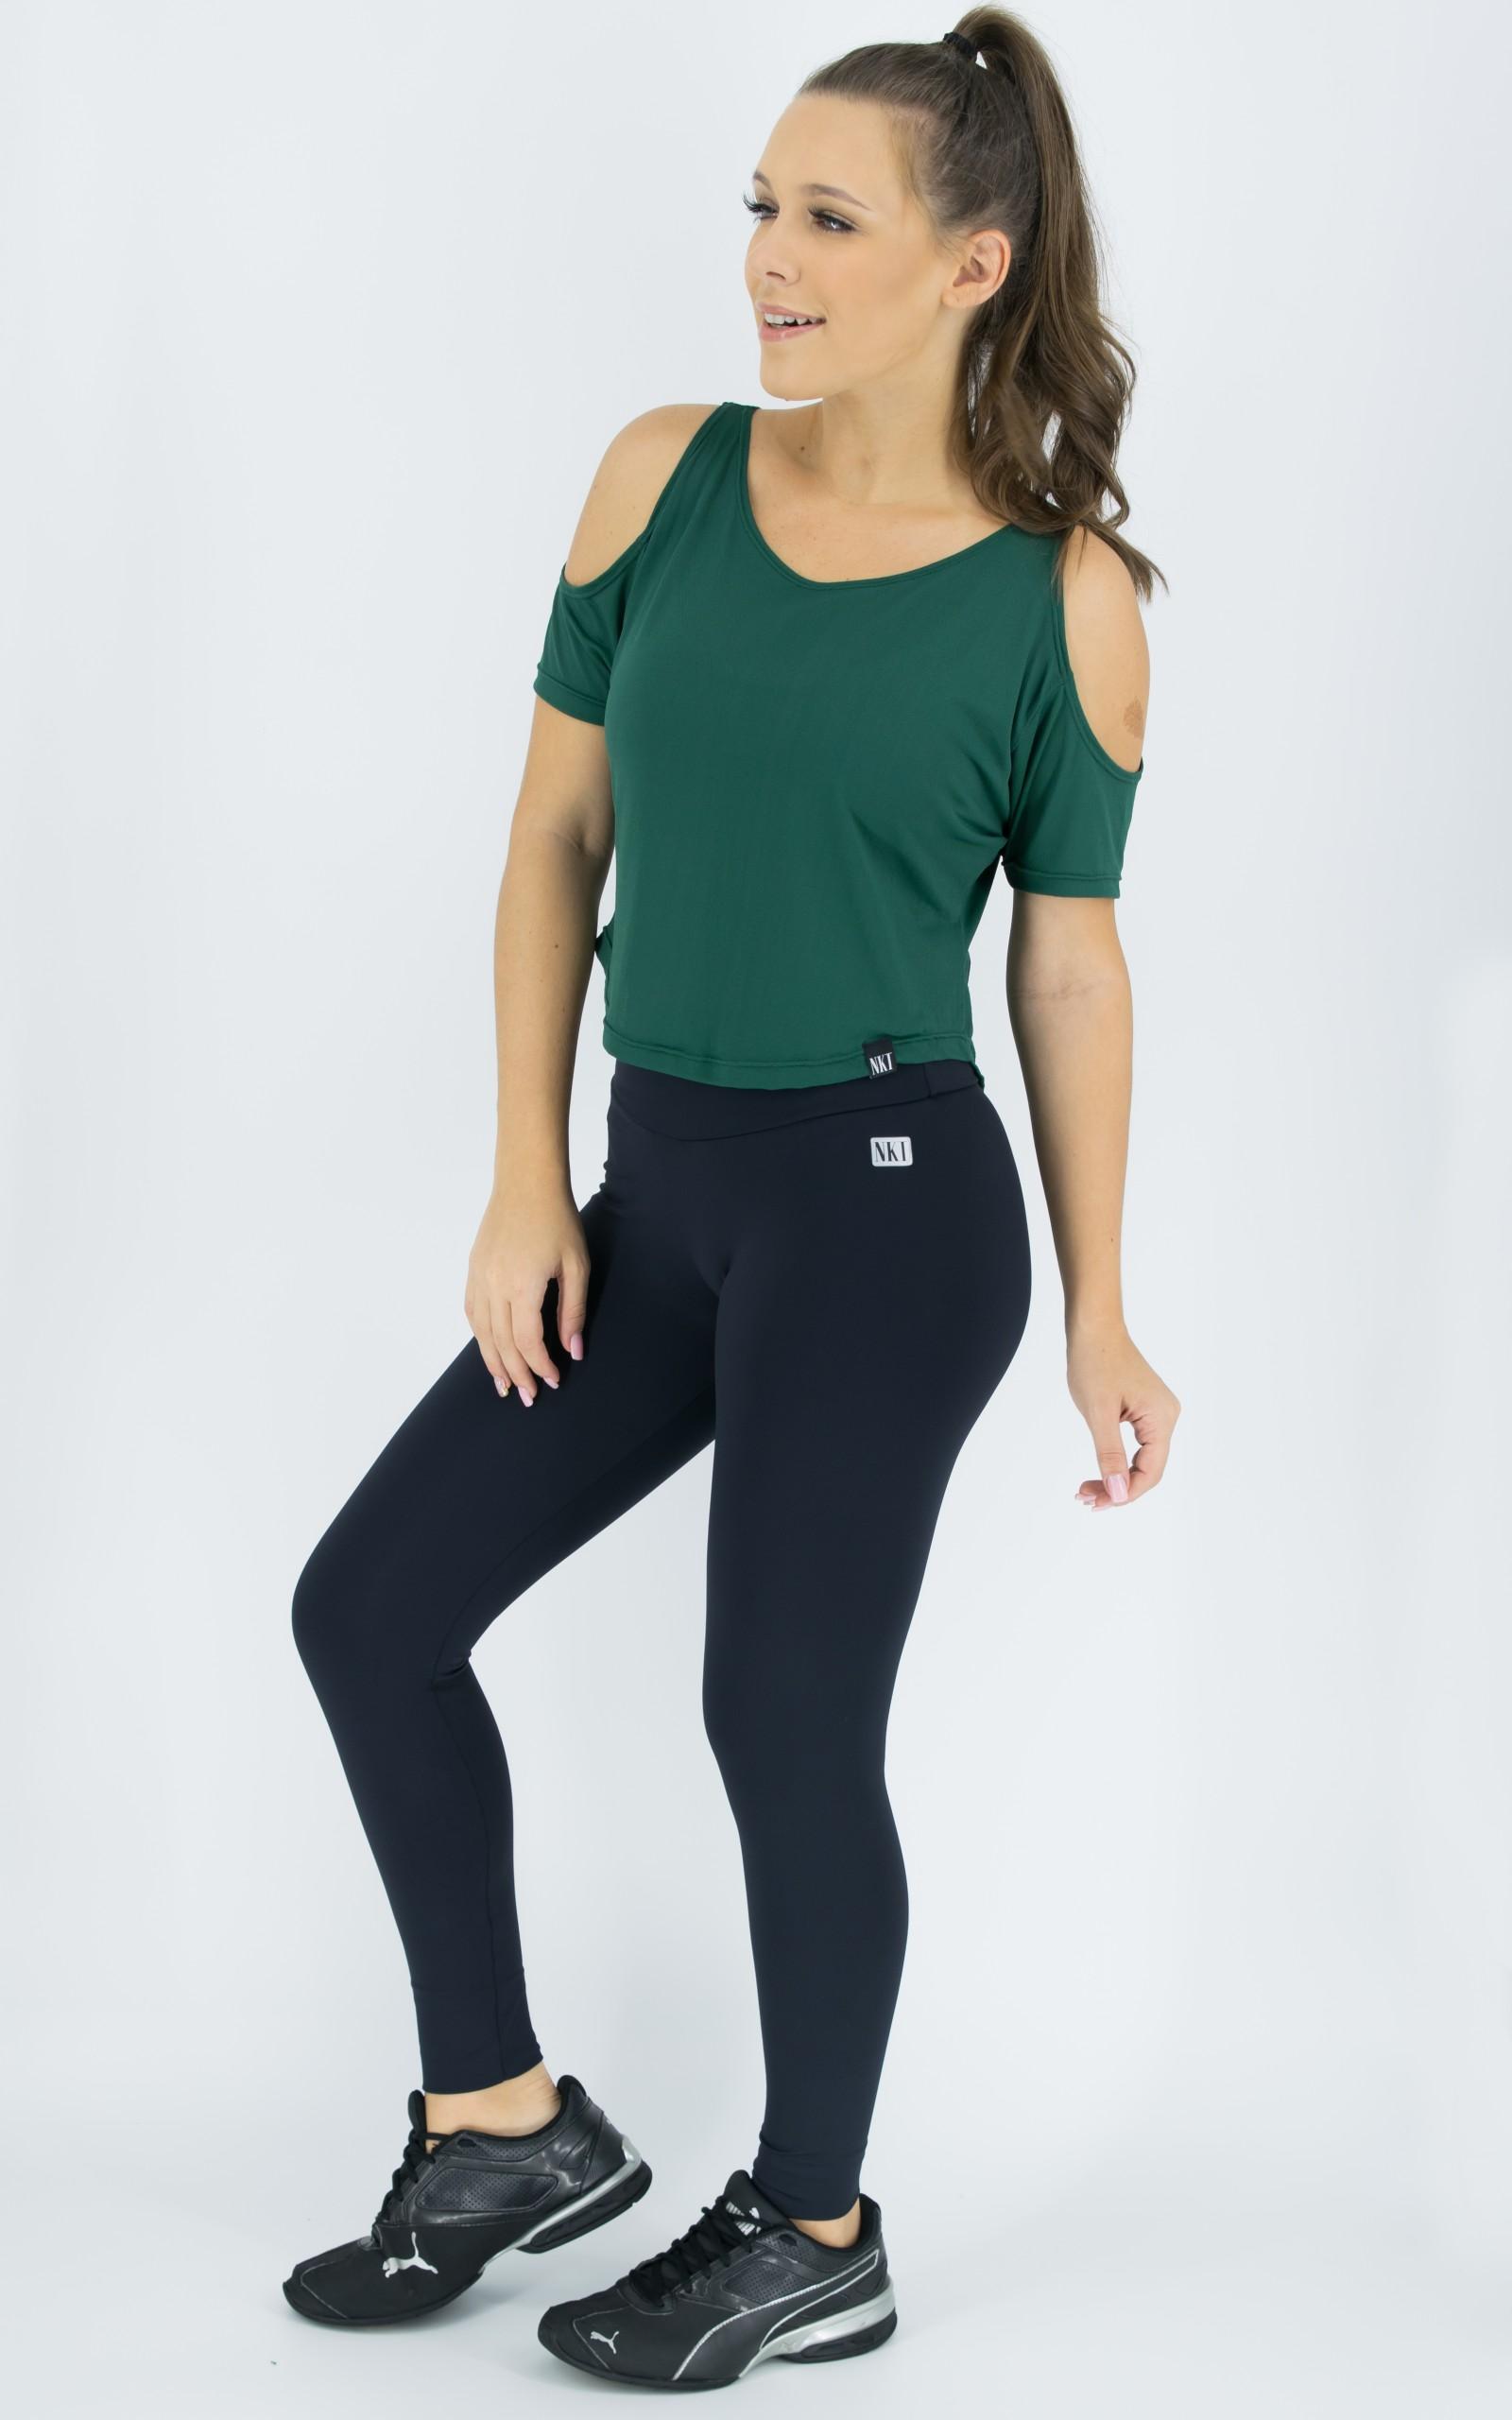 Blusa Like Verde, Coleção Move Your Body - NKT Fitwear Moda Fitness